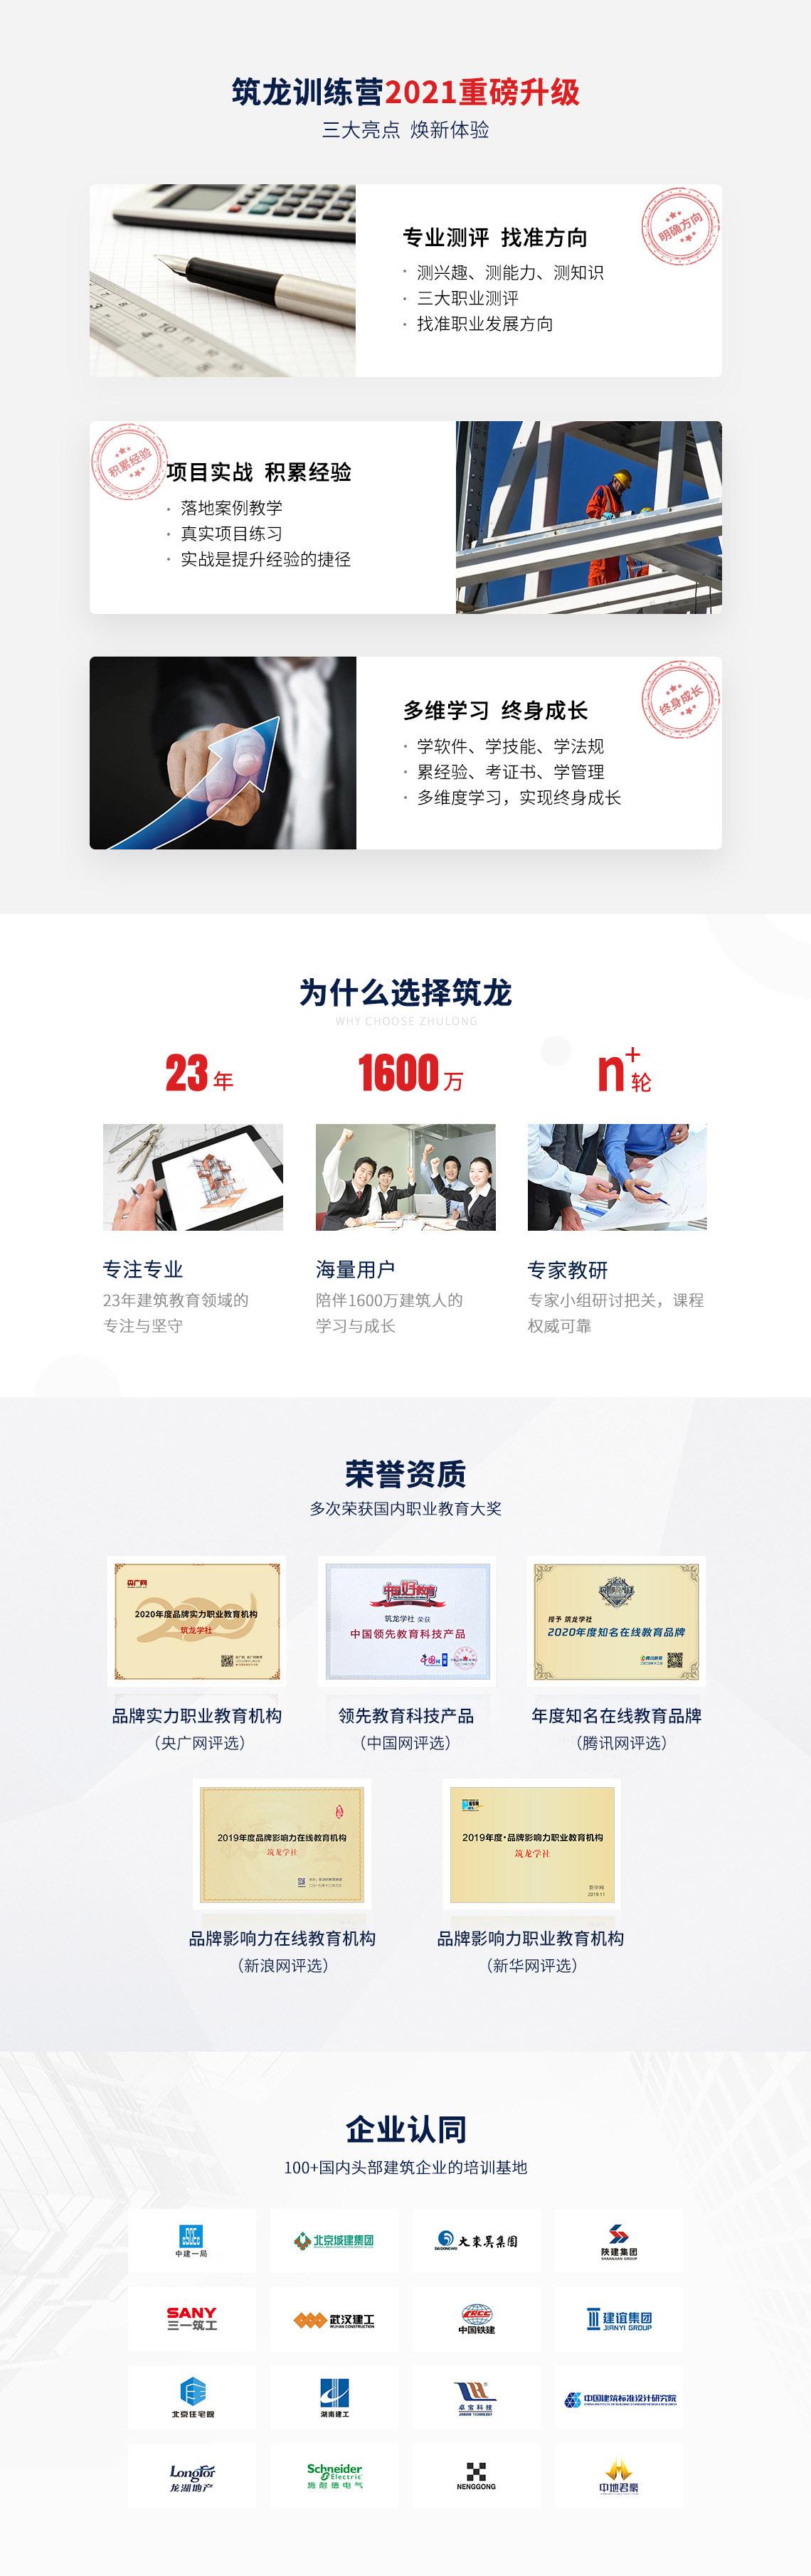 筑龙学社多次荣获国内职业教育大奖,如新浪网品牌影响力在线教育机构、新华网品牌影响力职业教育机构的荣誉等。